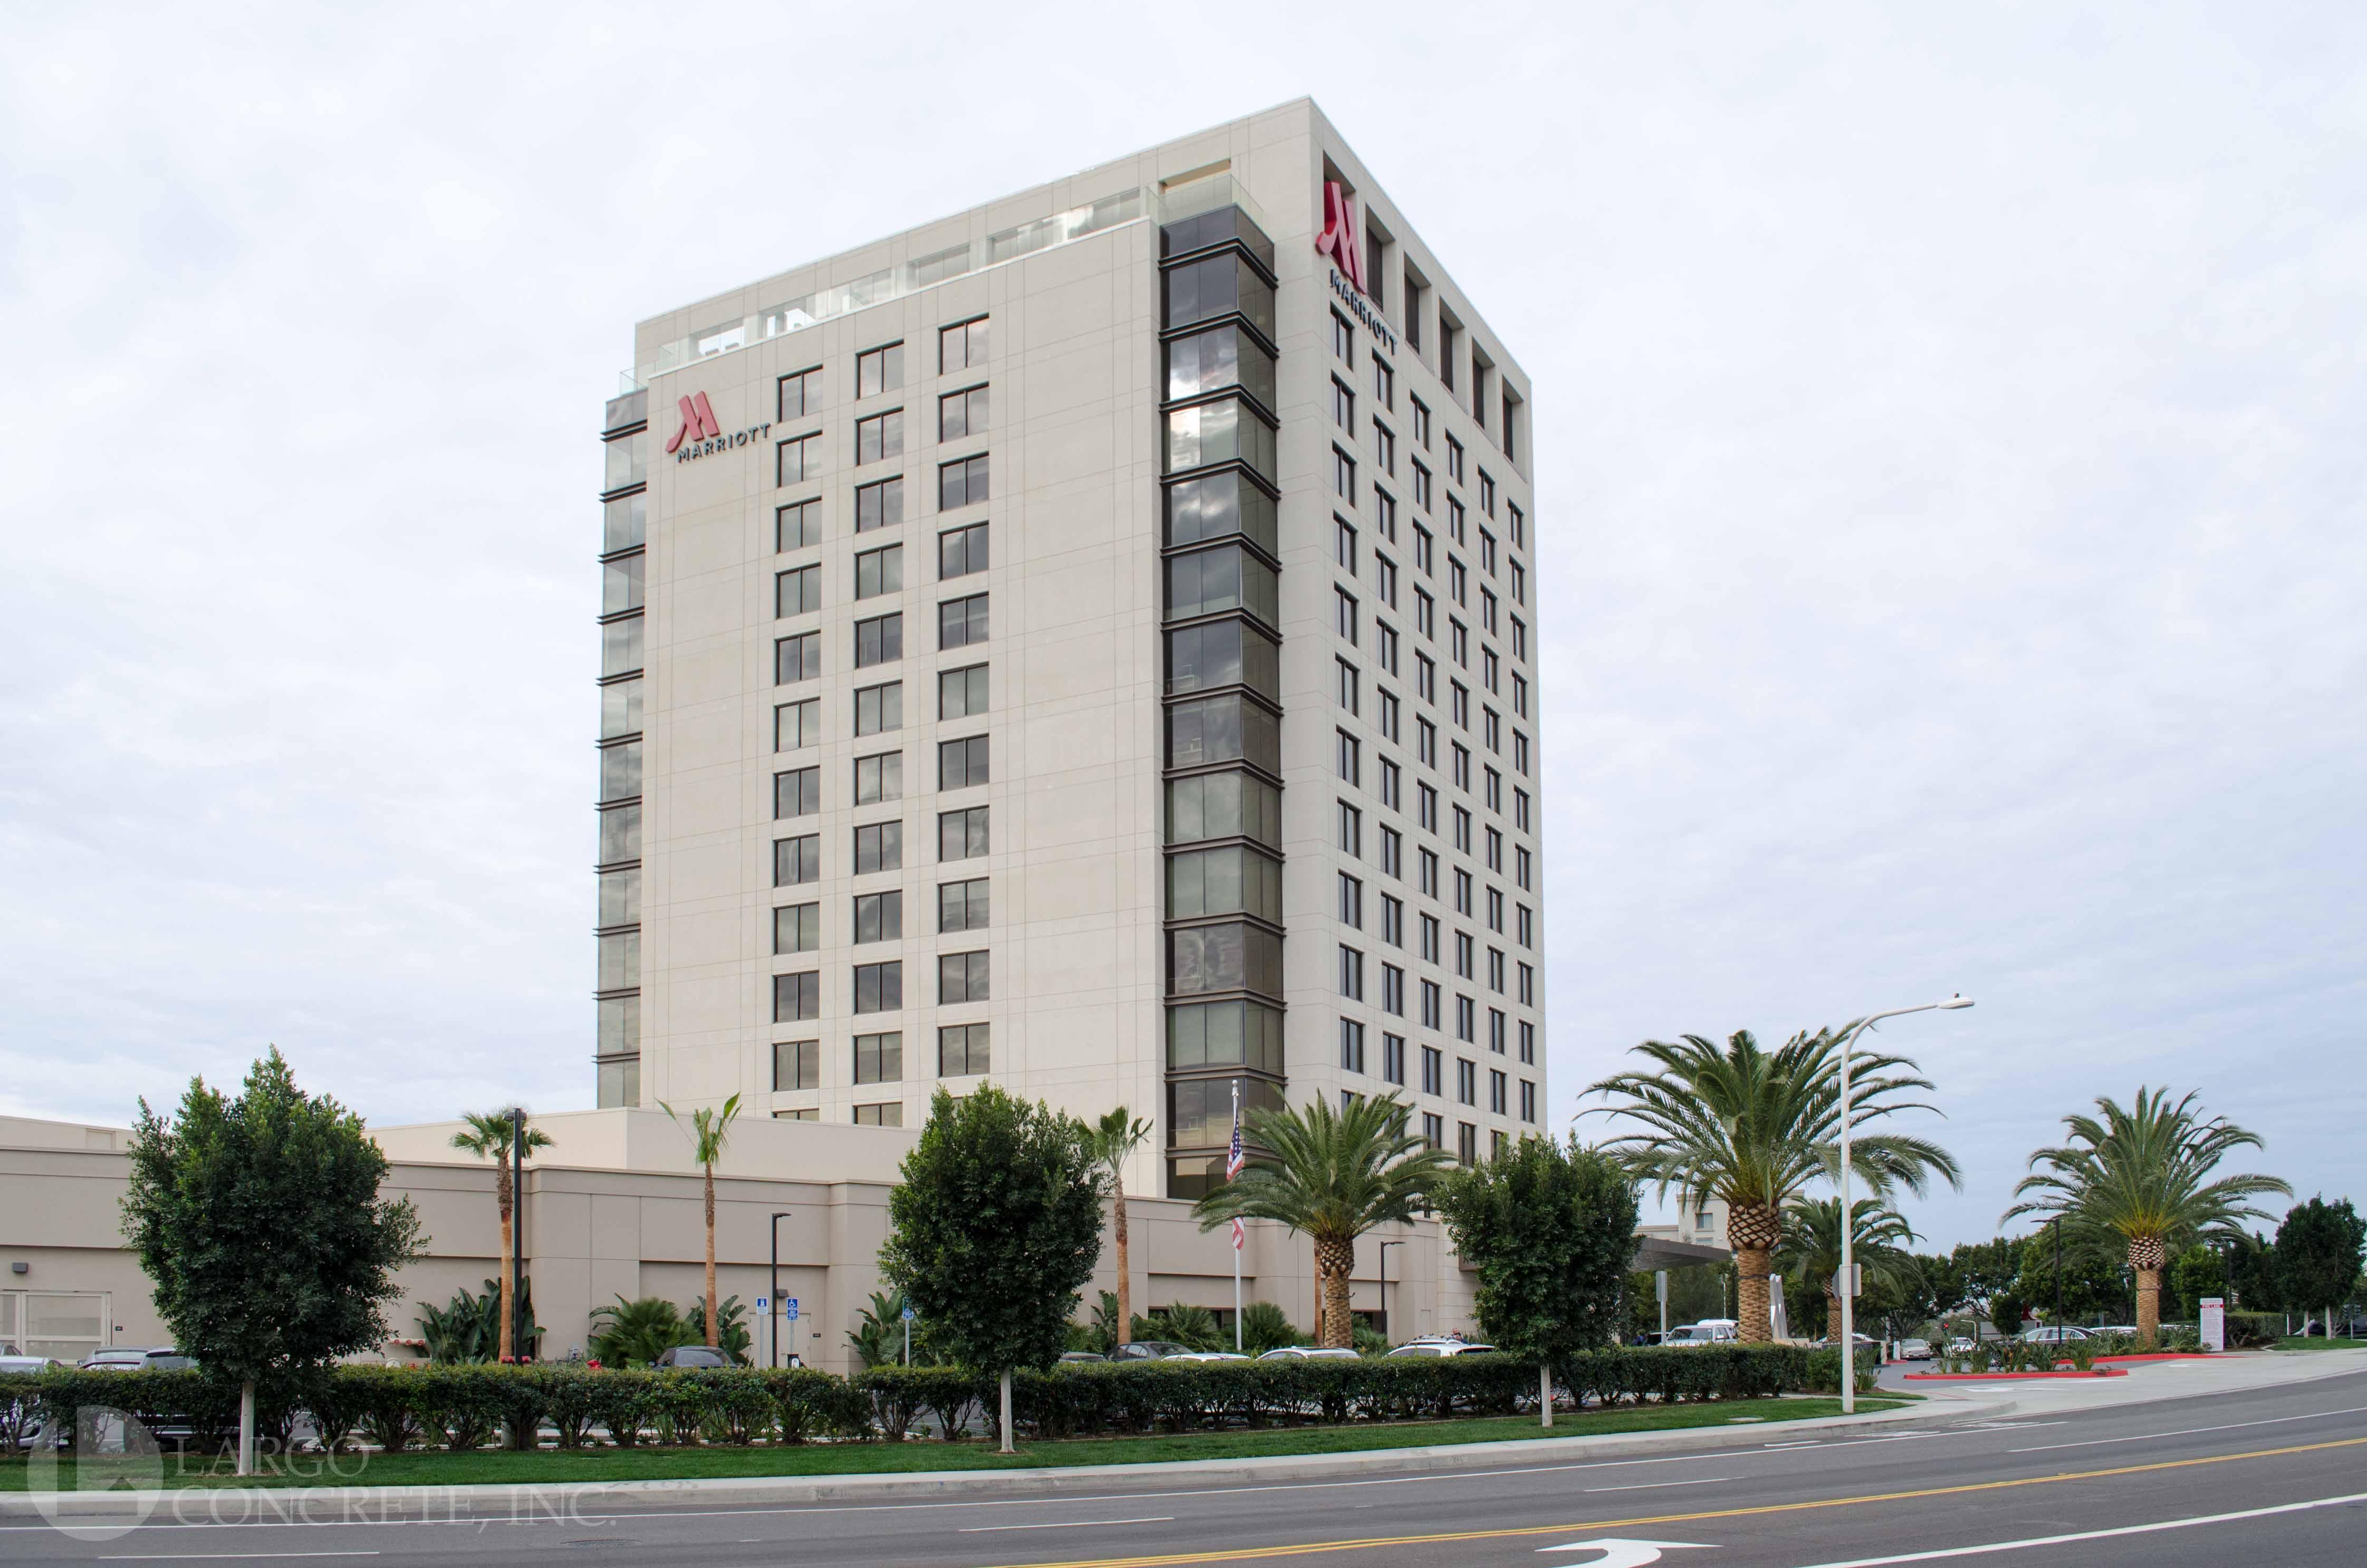 Irvine Spectrum Marriott Tops Out - Largo Concrete, Inc